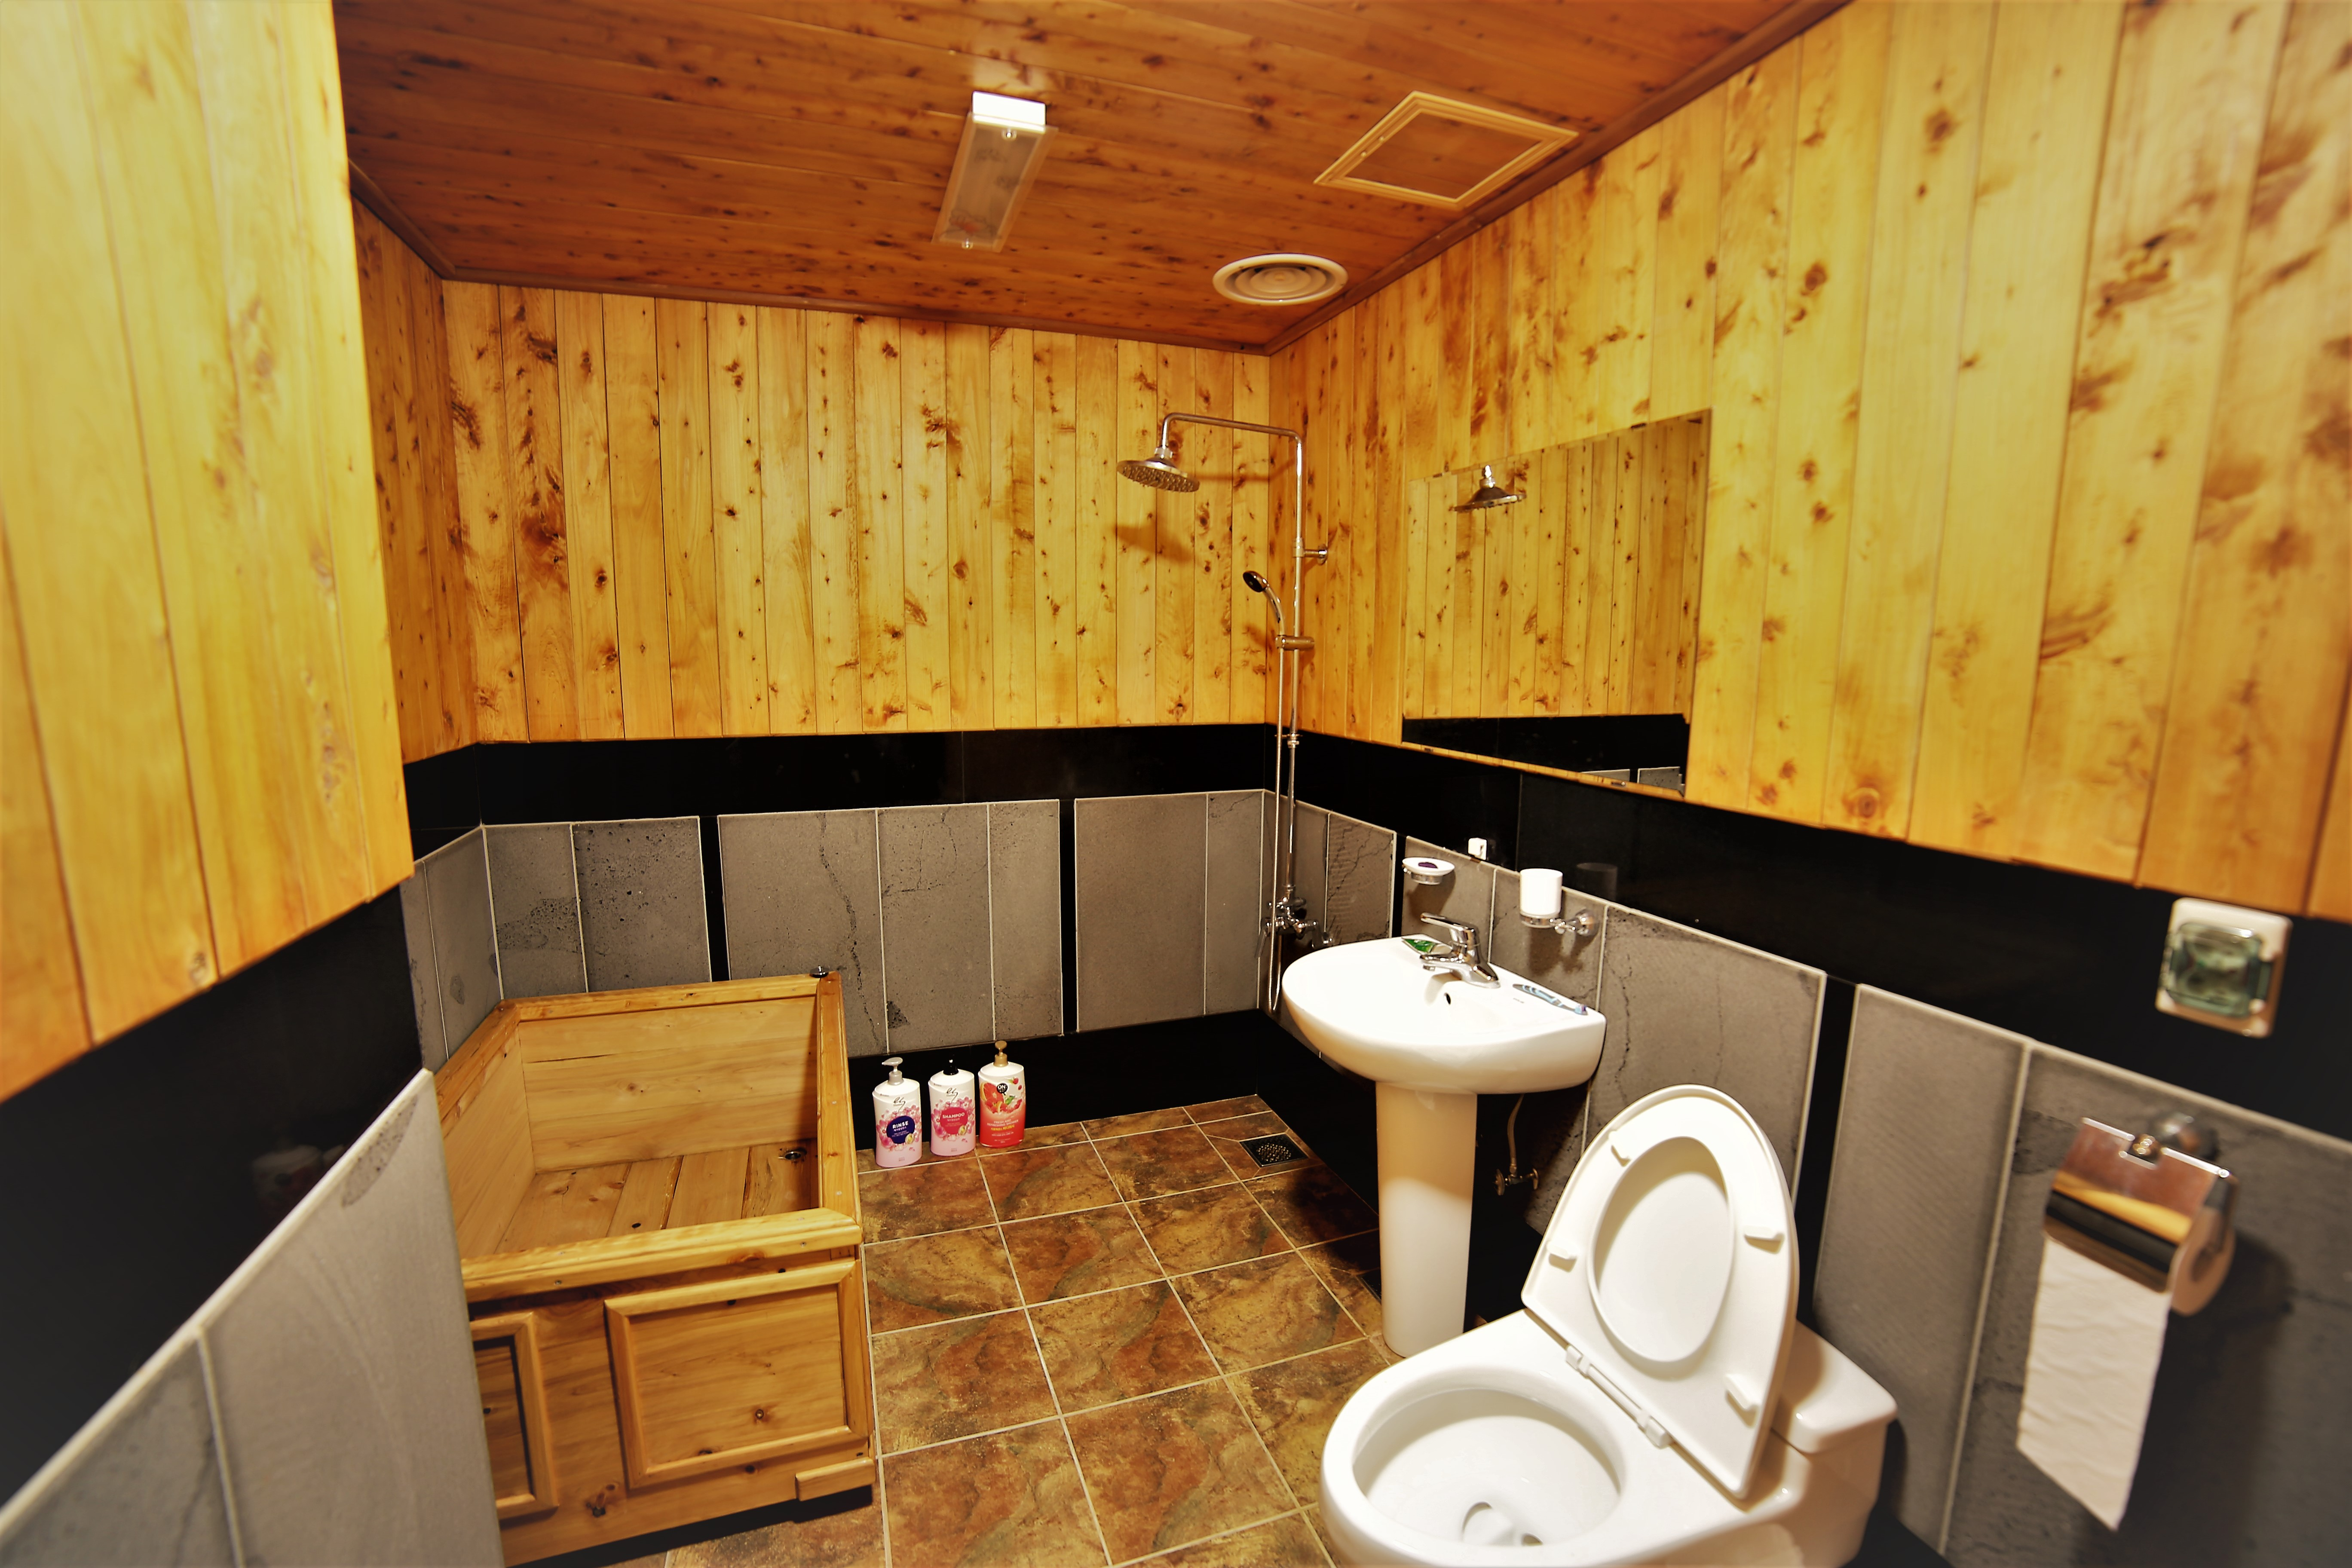 3층,2층화장실 - 복사본